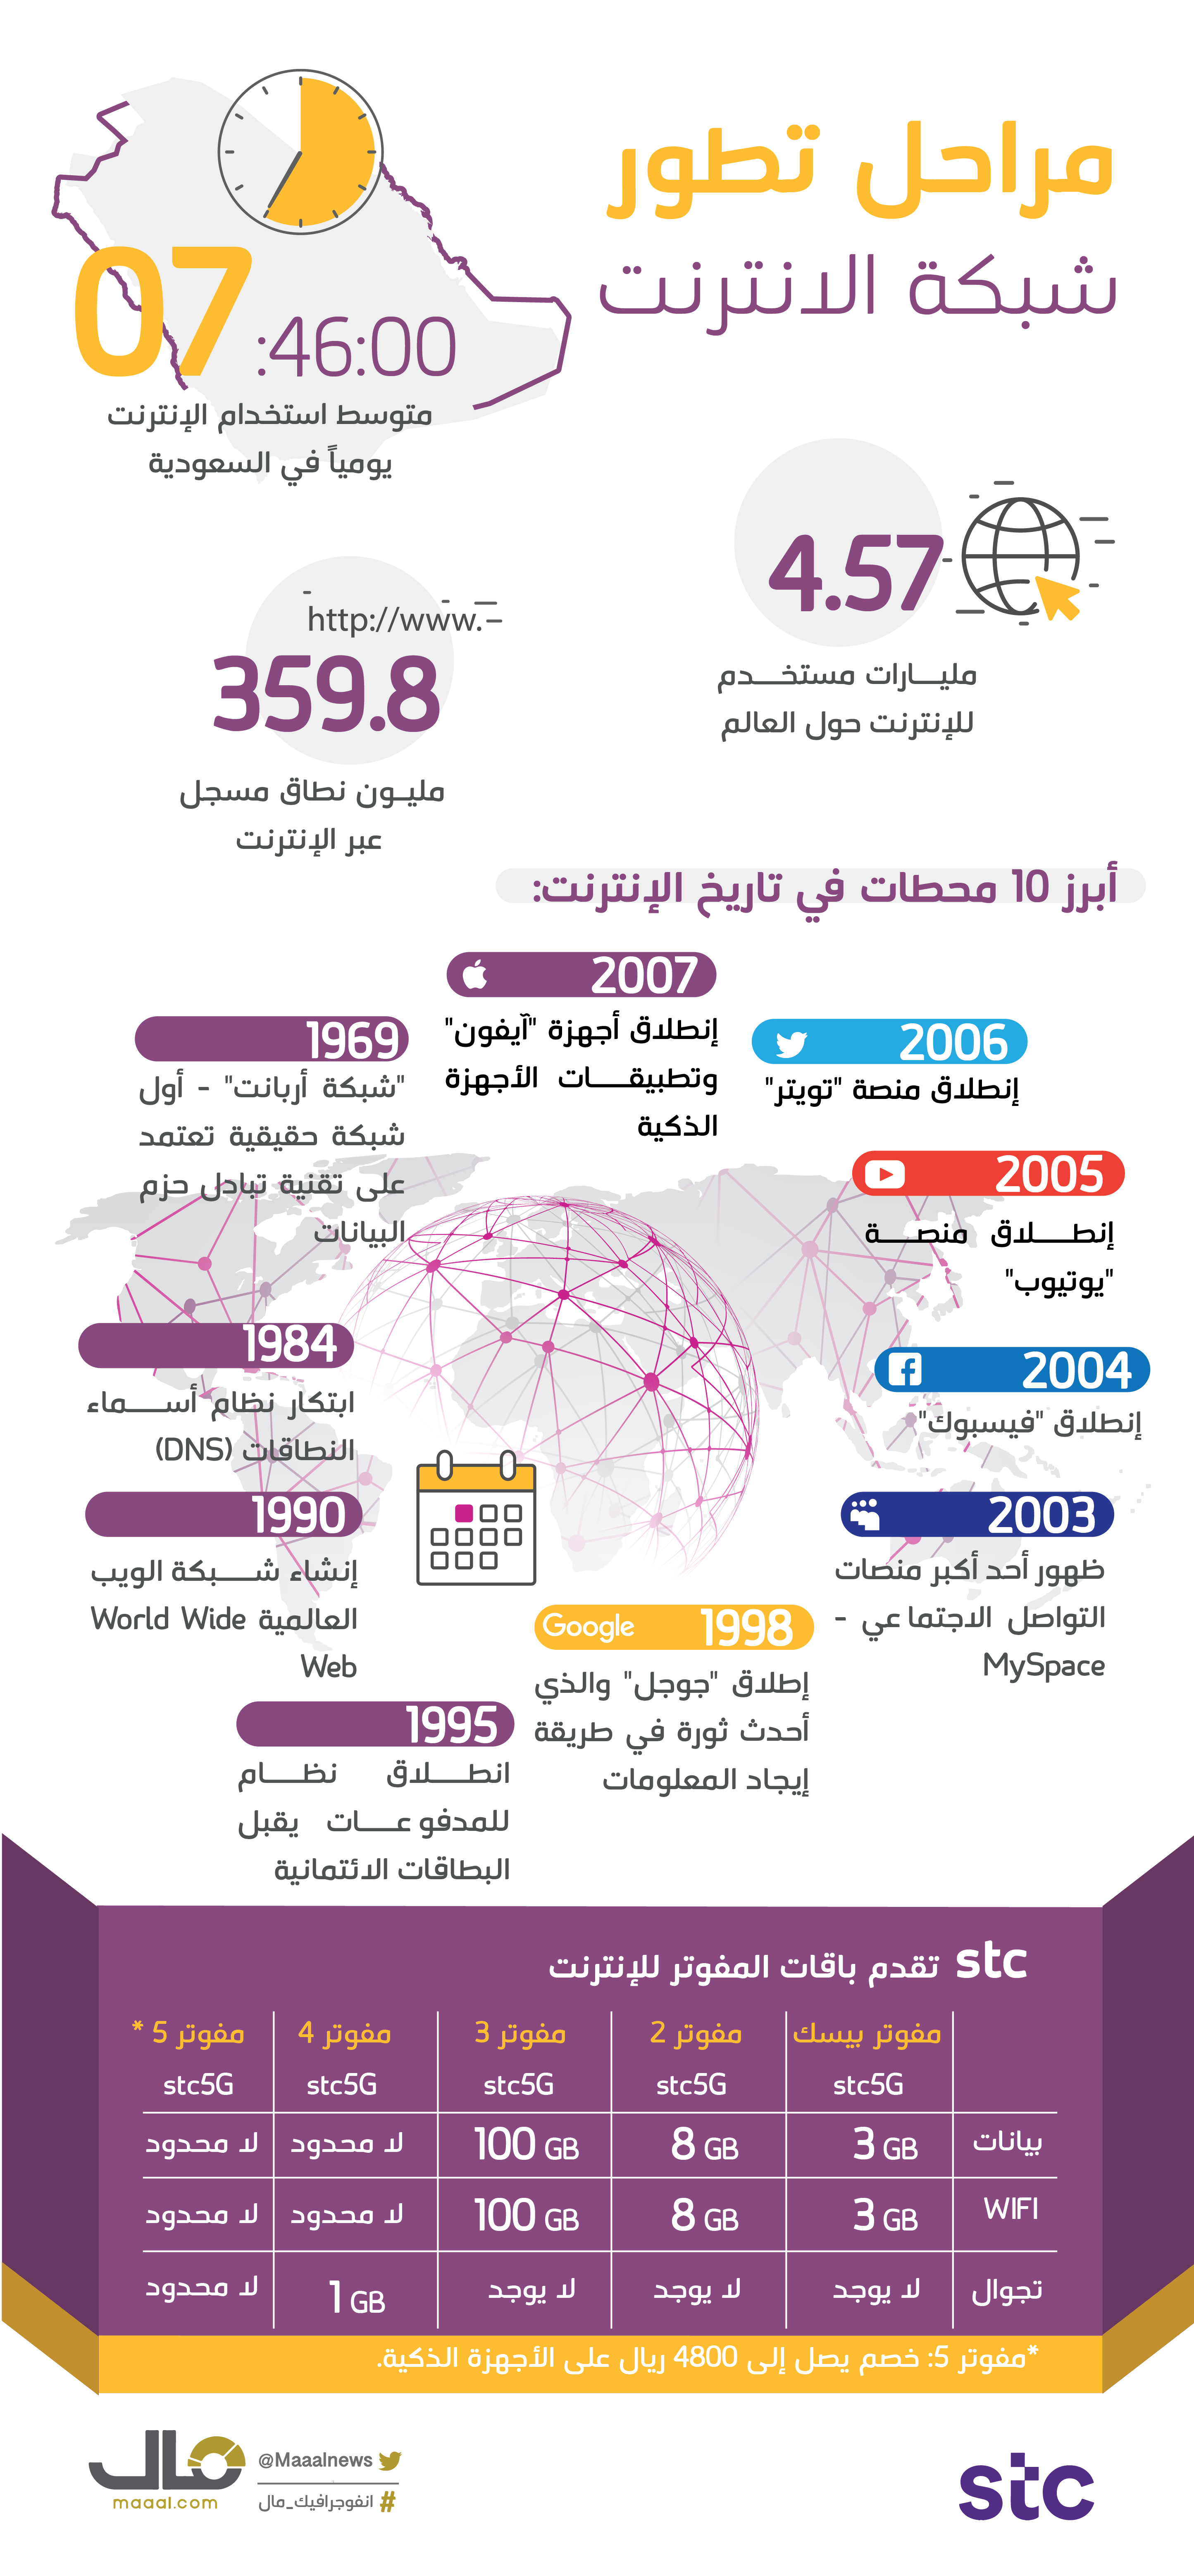 أبرز مراحل في تاريخ الإنترنت -01